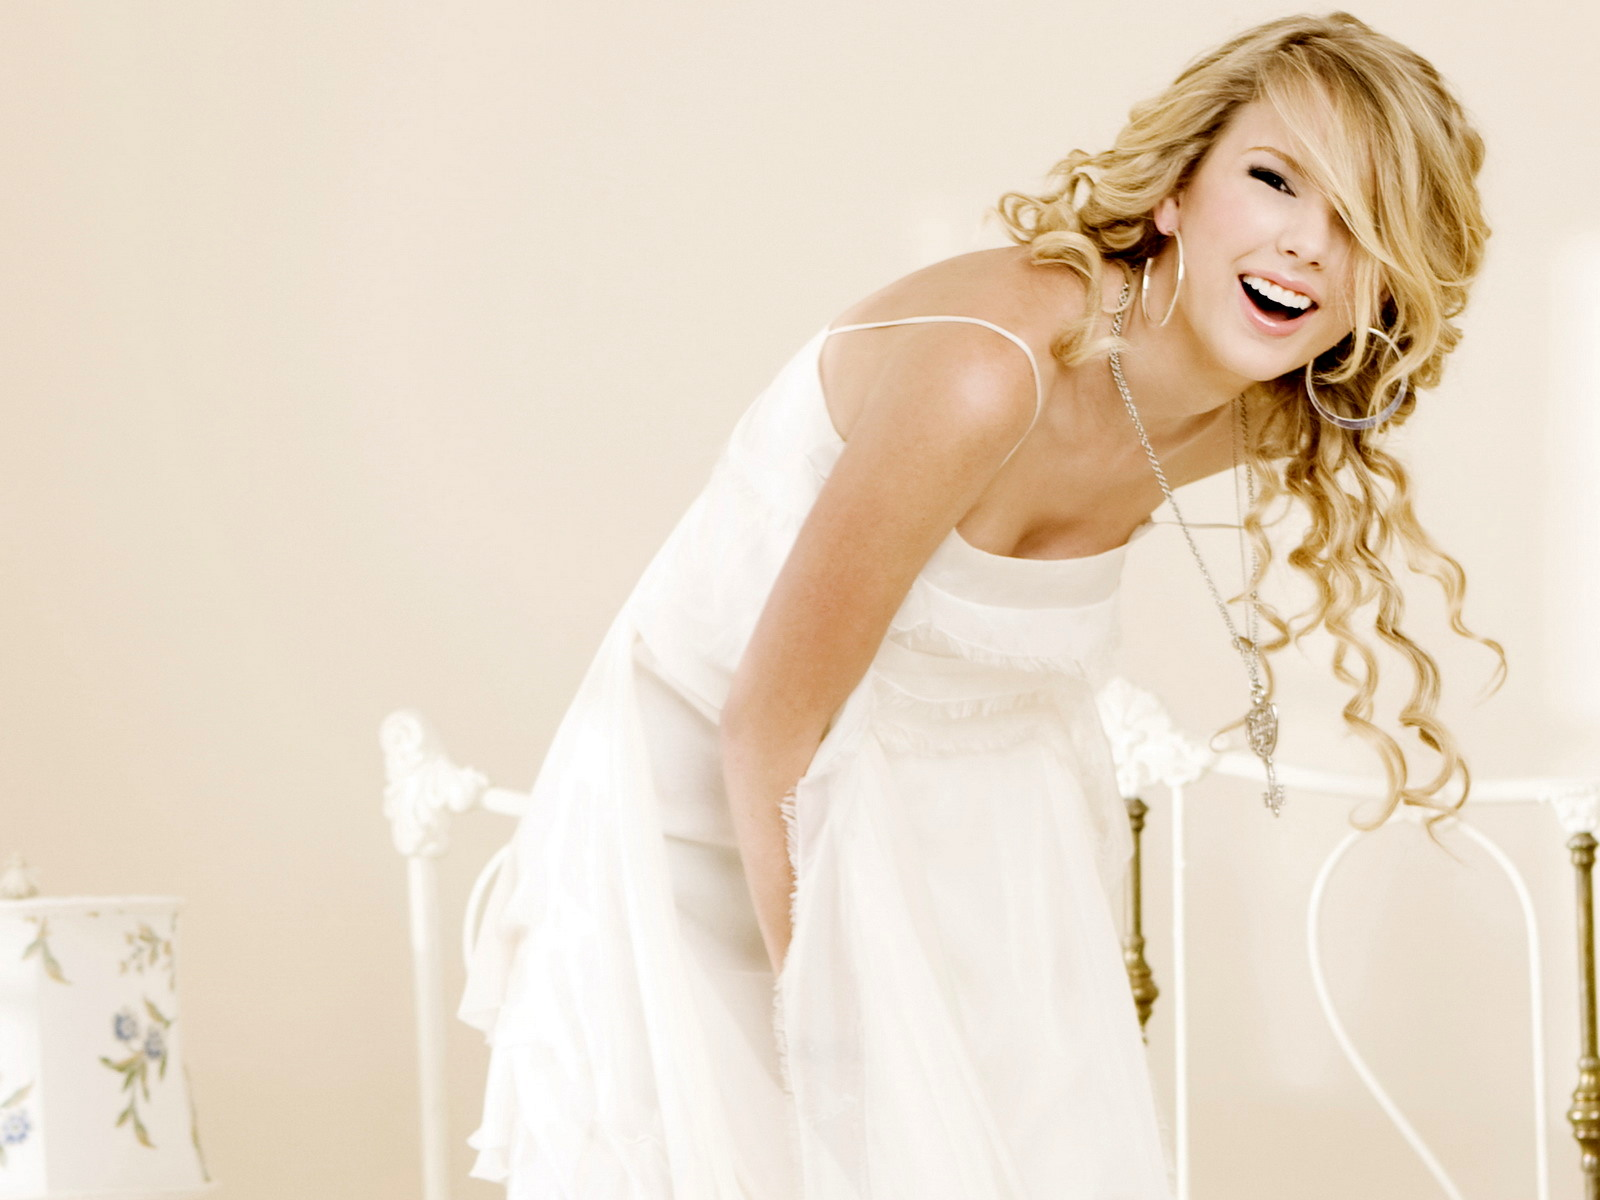 Zayn Malik Cute Wallpaper Taylor Swift Wallpapers Hd 2012 It S All About Wallpapers